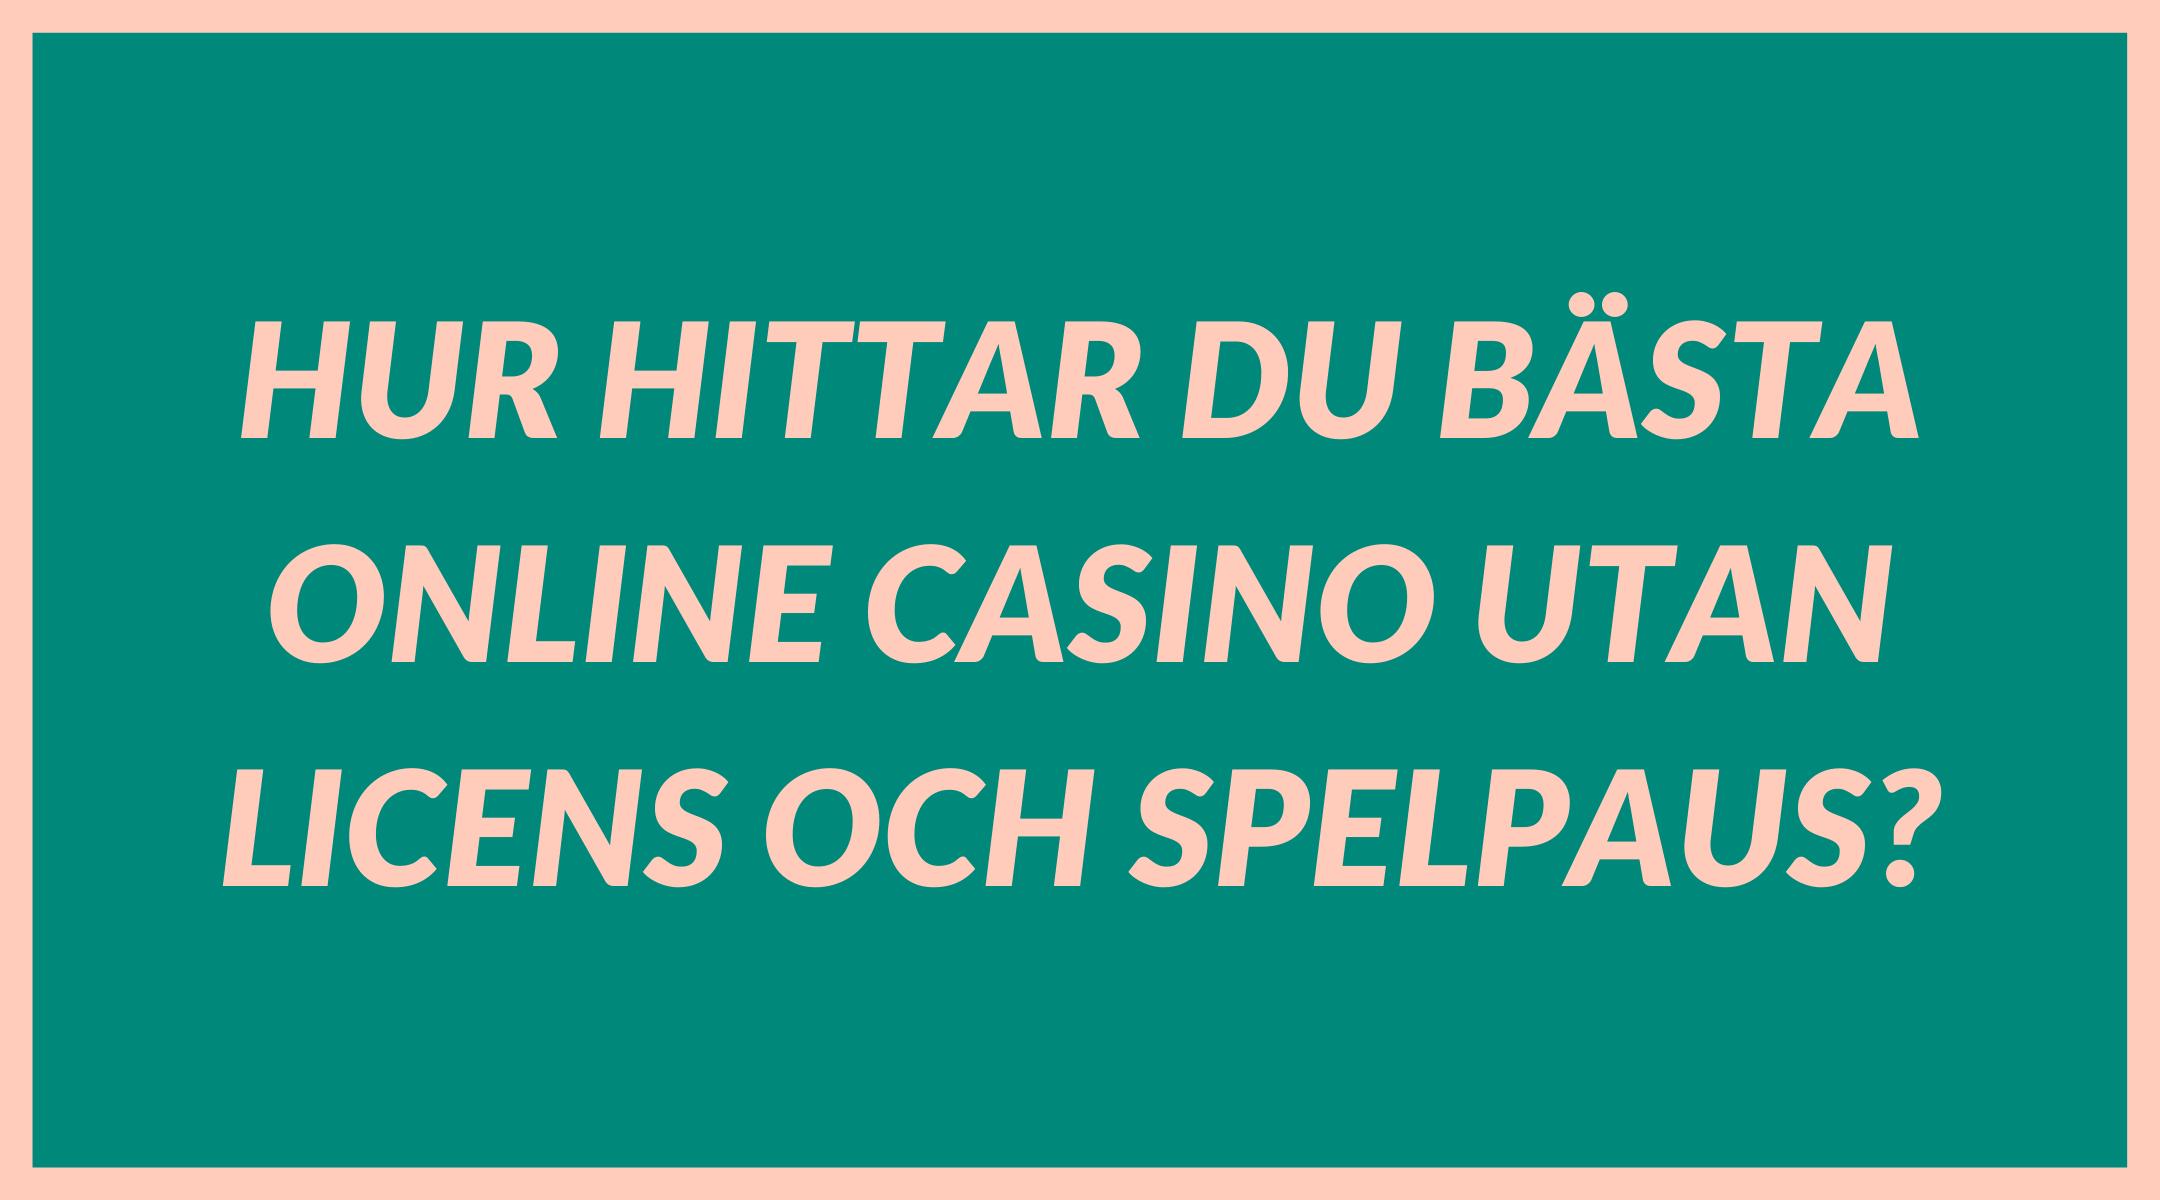 Hur hittar du bästa online casino utan licens och spelpaus?